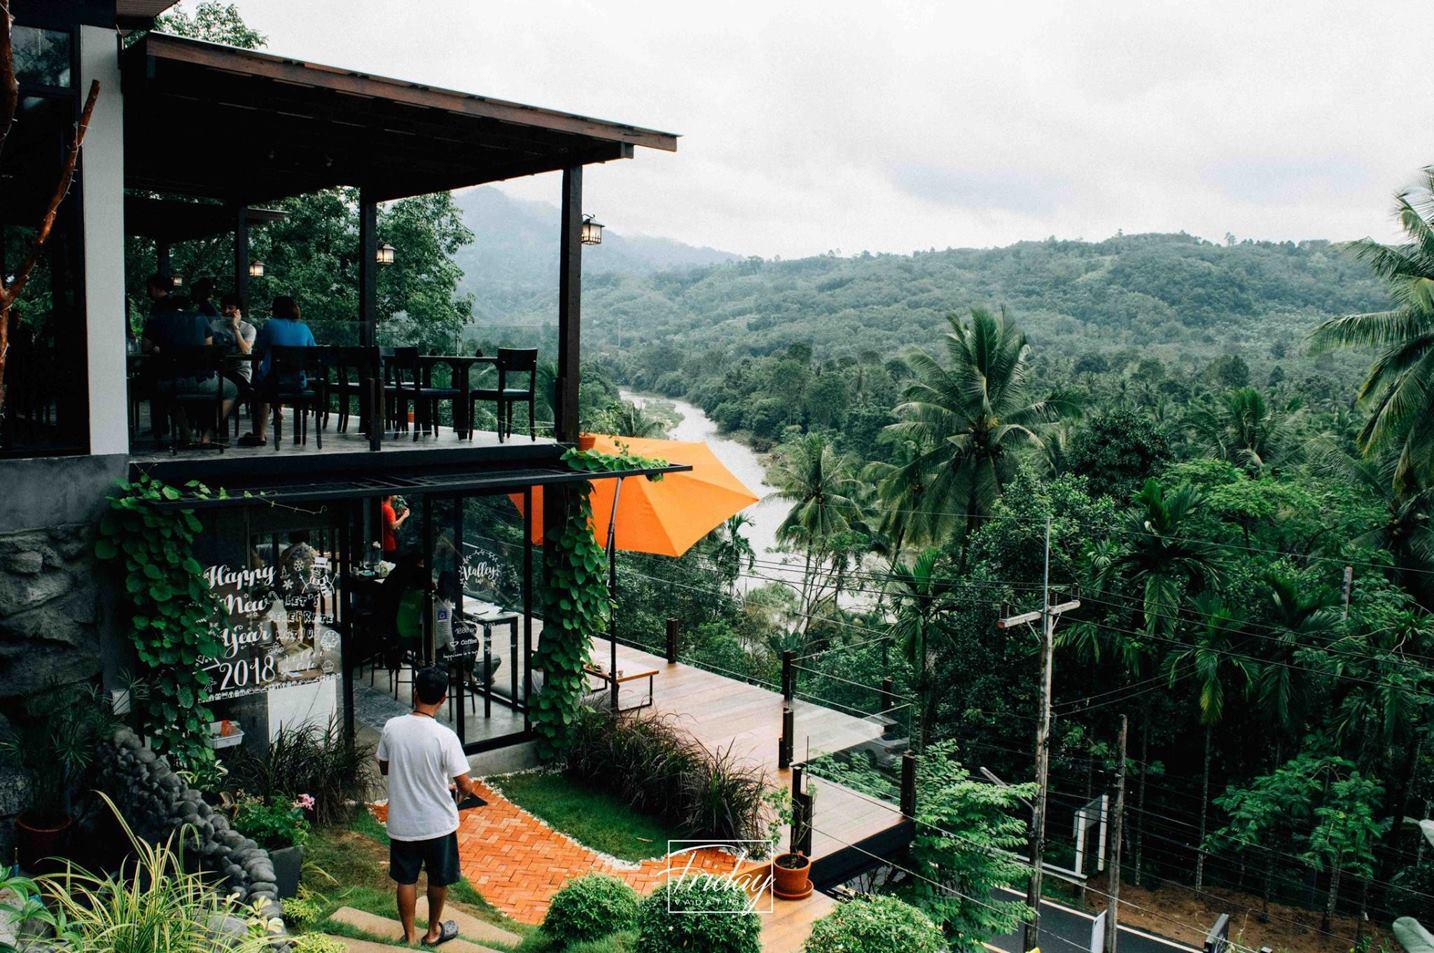 5.-The-Kiriwong-Valley-ร้านนี้ตั้งอยู่ที่คีรีวงครับ-ความสวยงามของร้านในวิวภูเขาคีรีวงพร้อมหมอกบางๆ-ให้บรรยากาศ-10/10-เลยครับ-เครื่องดื่มอร่อยดีครับแต่แอดมินยังไม่ได้ลองทานอาหารครับ คาเฟ่สวย,วิวหลักล้าน,นครศรีธรรมราช,รวมcafe,คาเฟ่,ร้านอาหาร,ร้านกาแฟ,ภูเขา